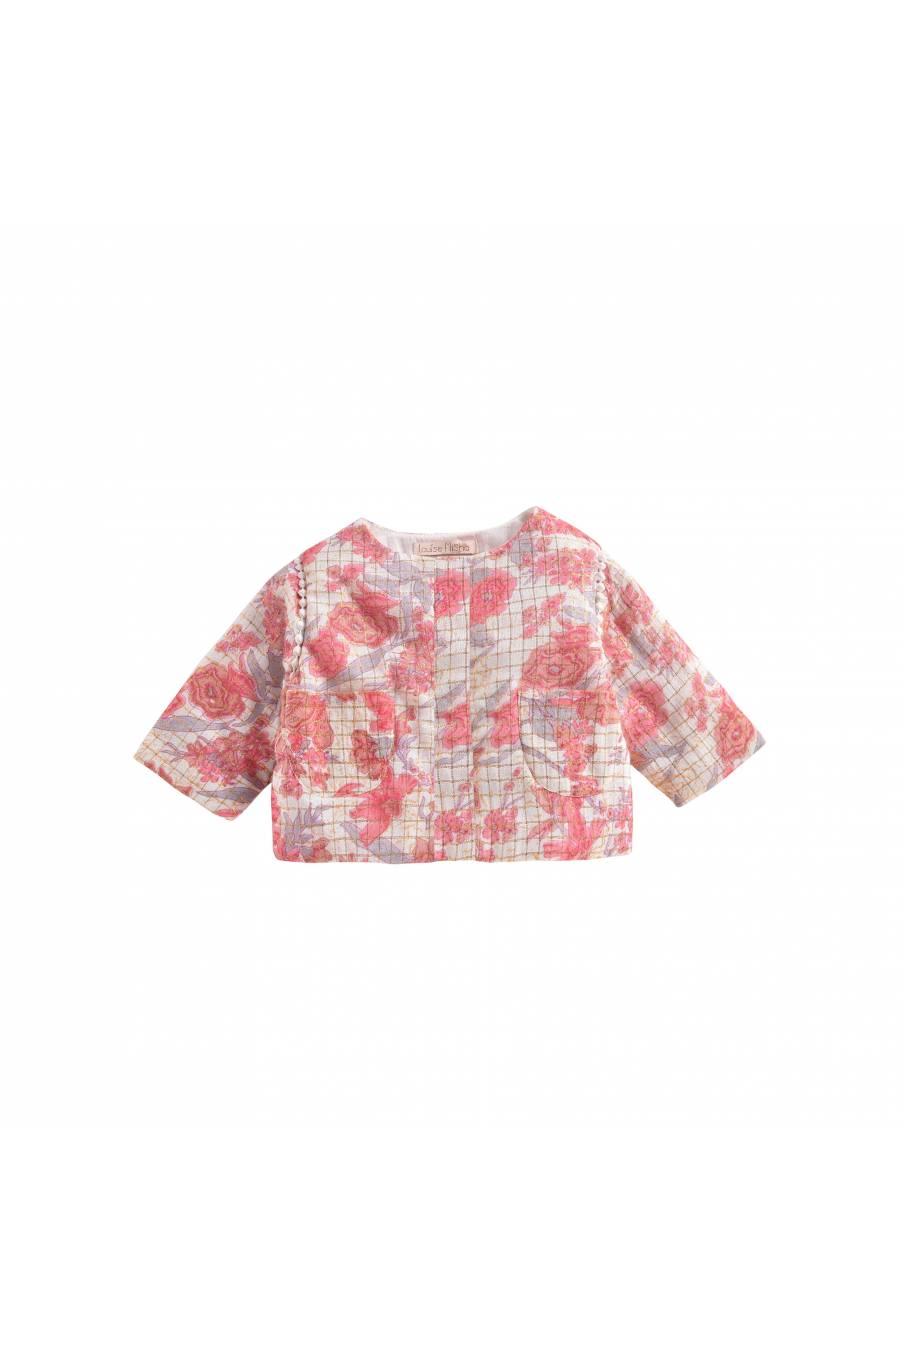 Jacket Soluta Pink Flowers